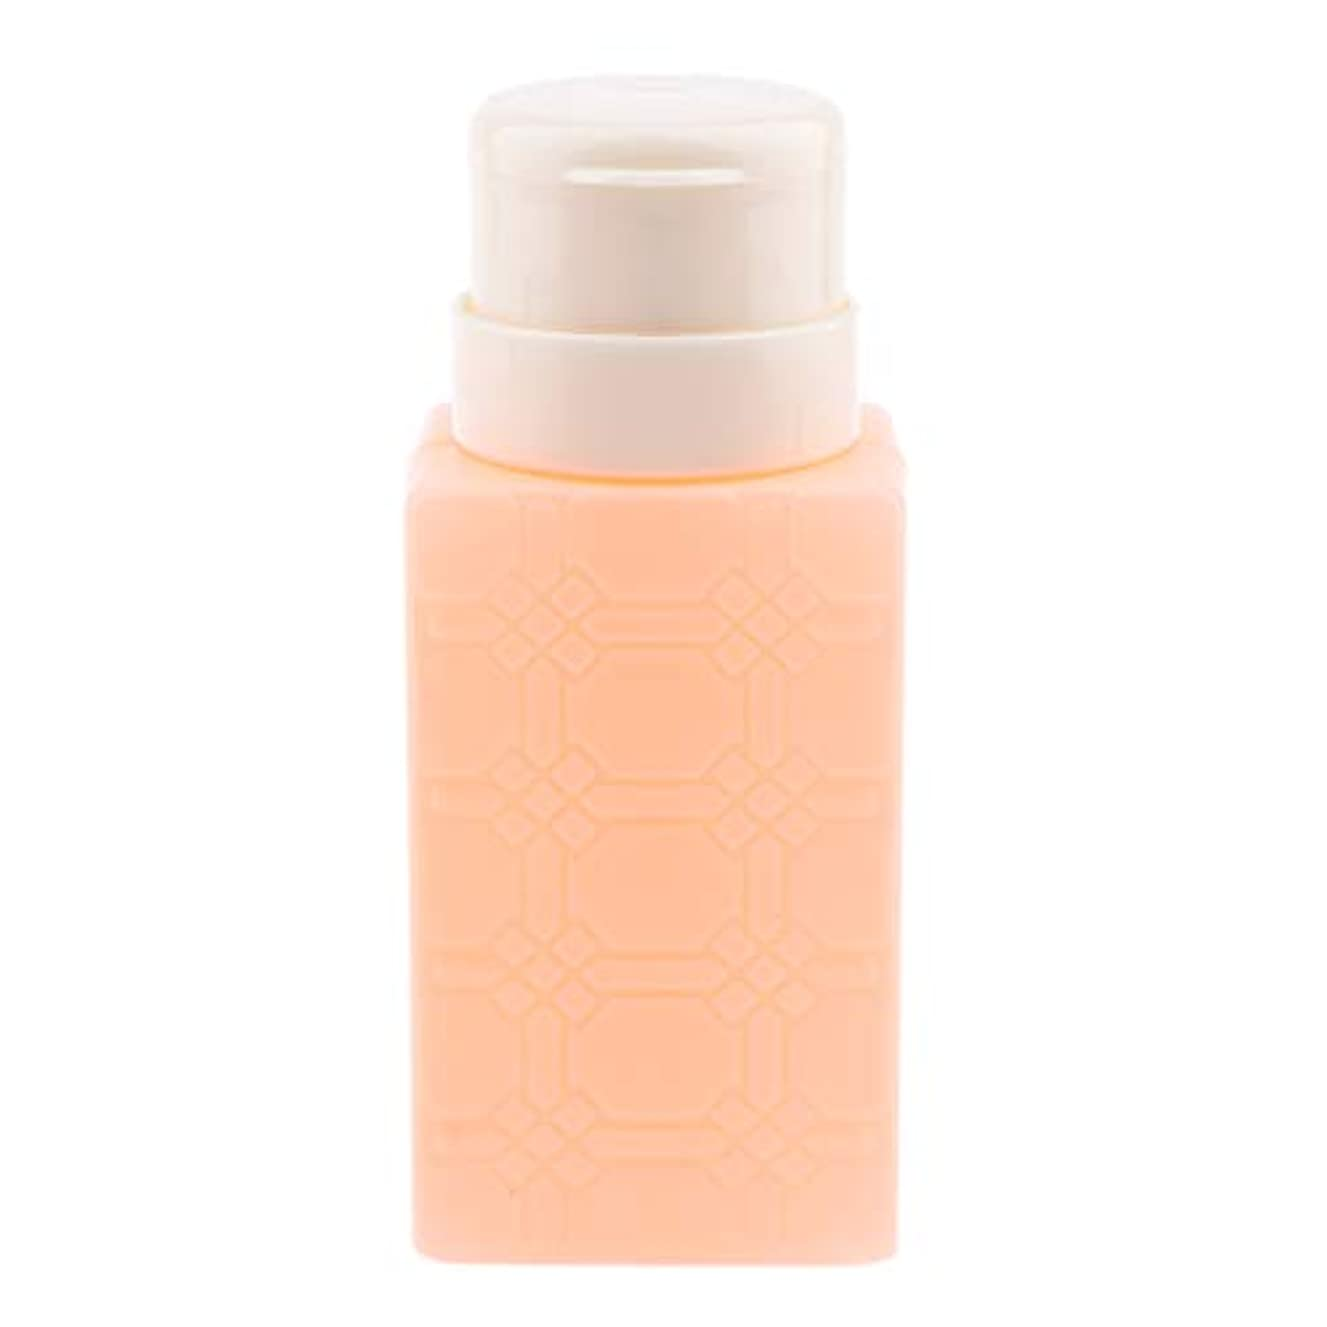 せっかちレバー熟読する200ml ネイルアート ディスペンサーポンプボトル ネイルサロン 4色選べ - オレンジ